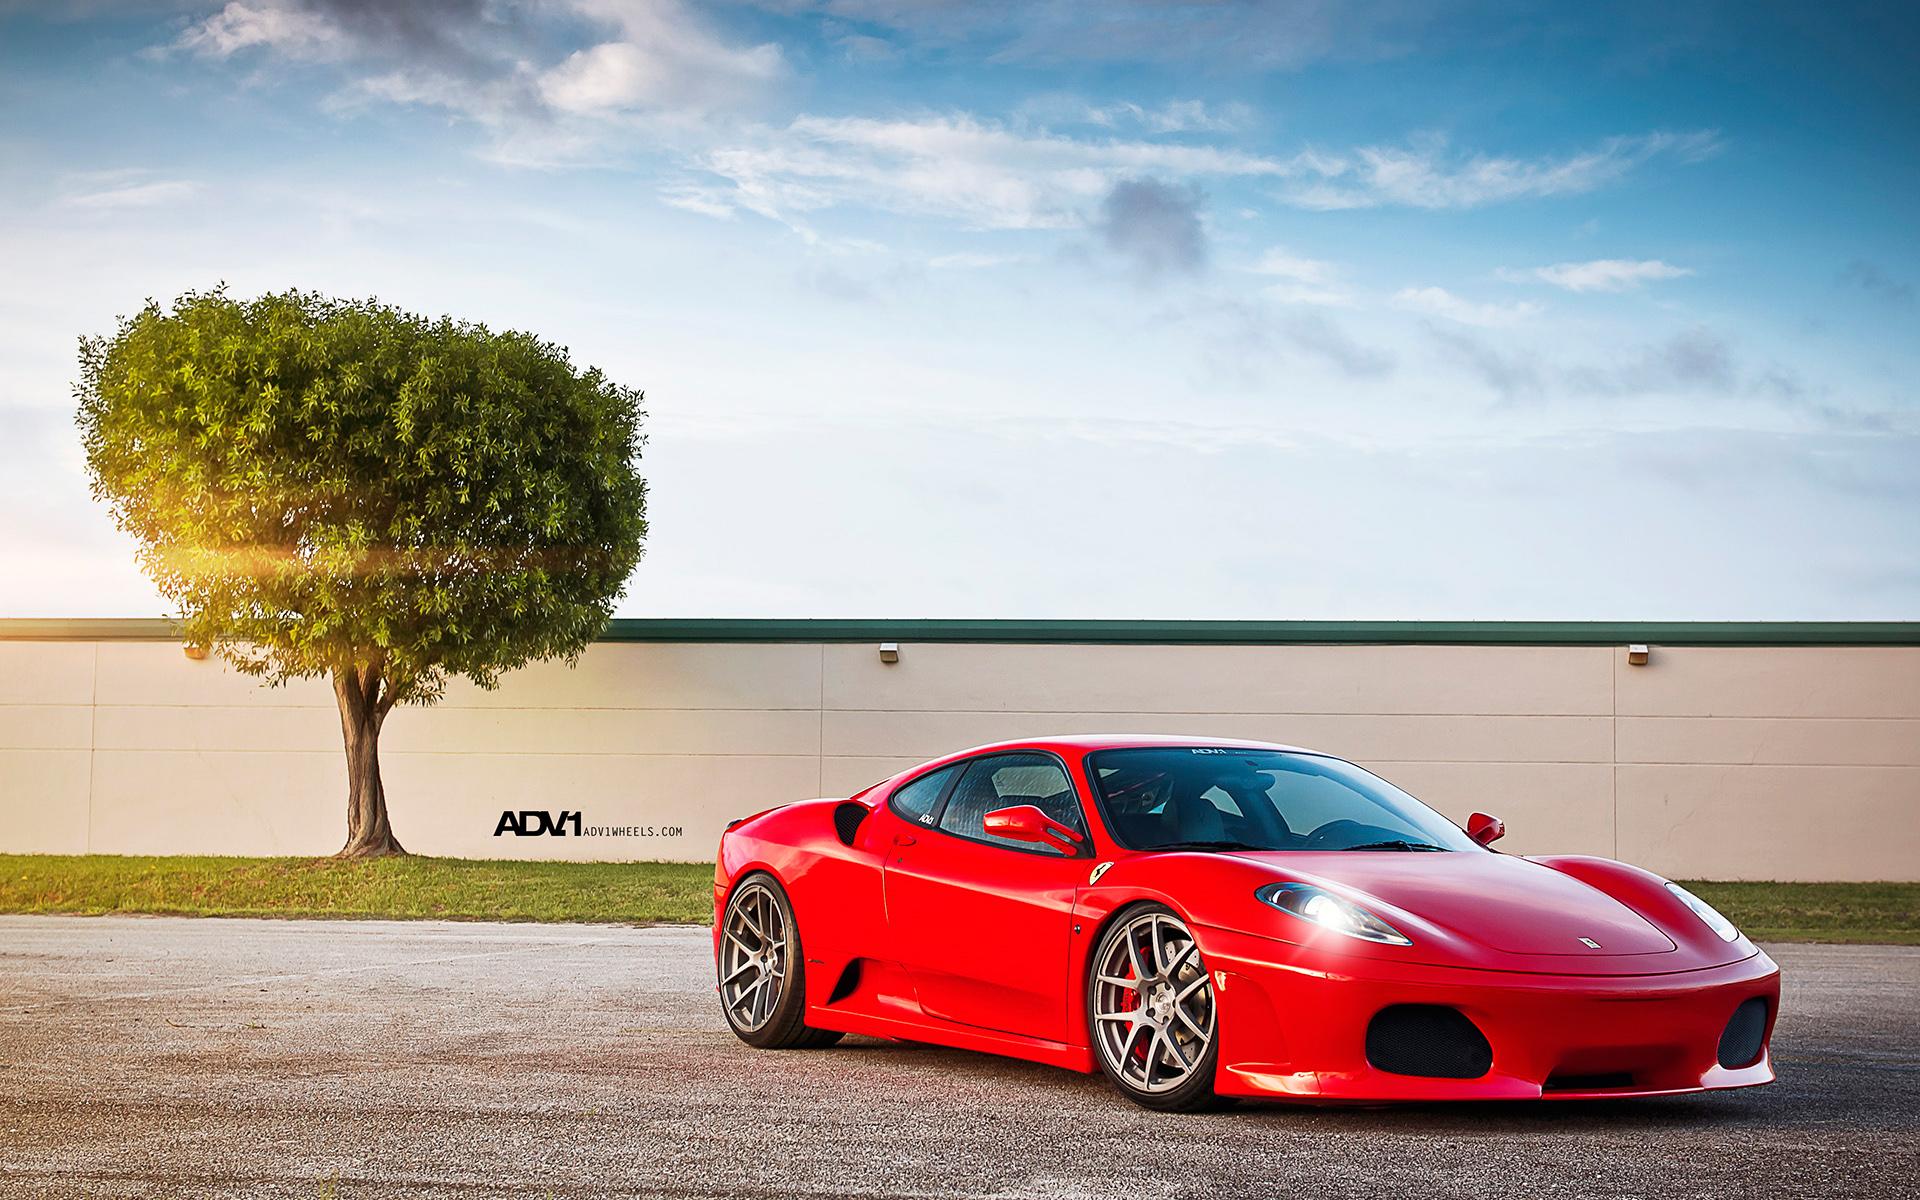 ADV1 Ferrari F430 Wallpapers HD Wallpapers 1920x1200